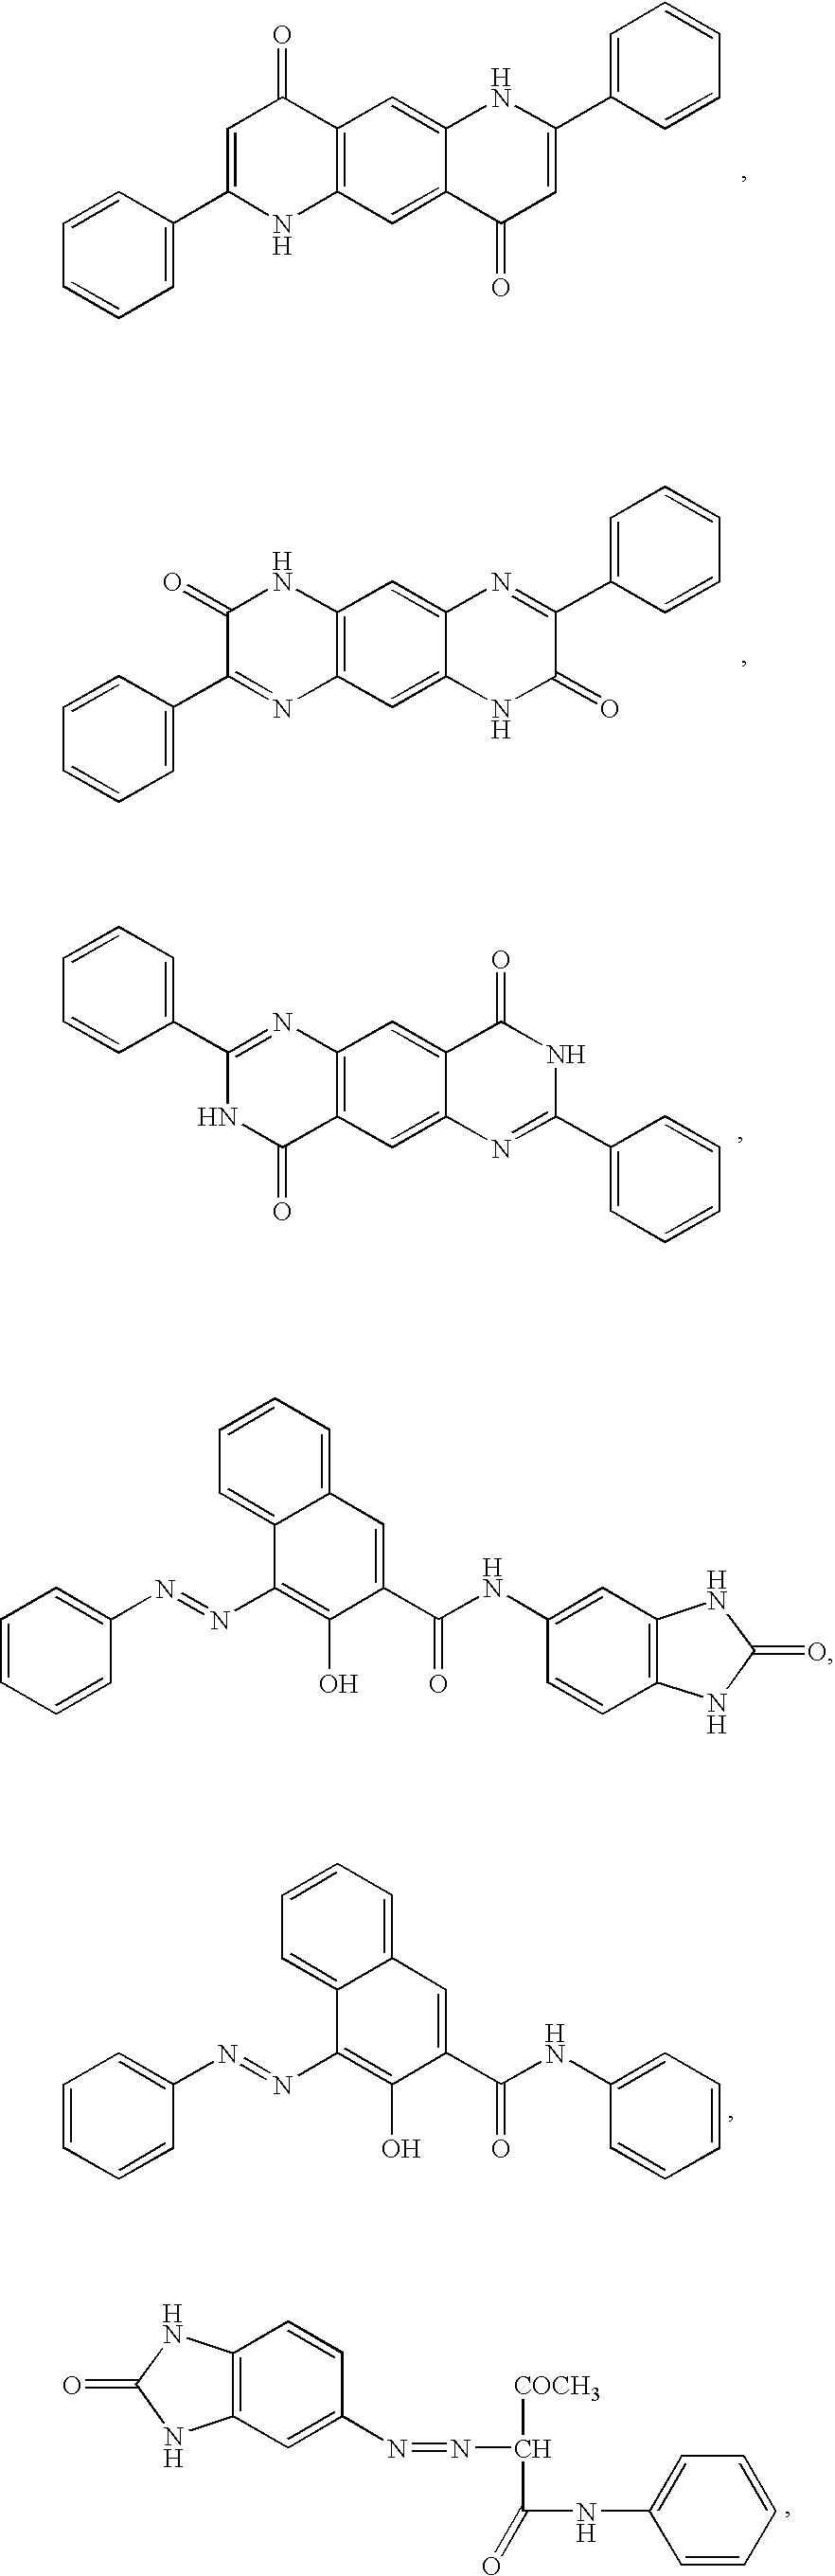 Figure US06645257-20031111-C00006